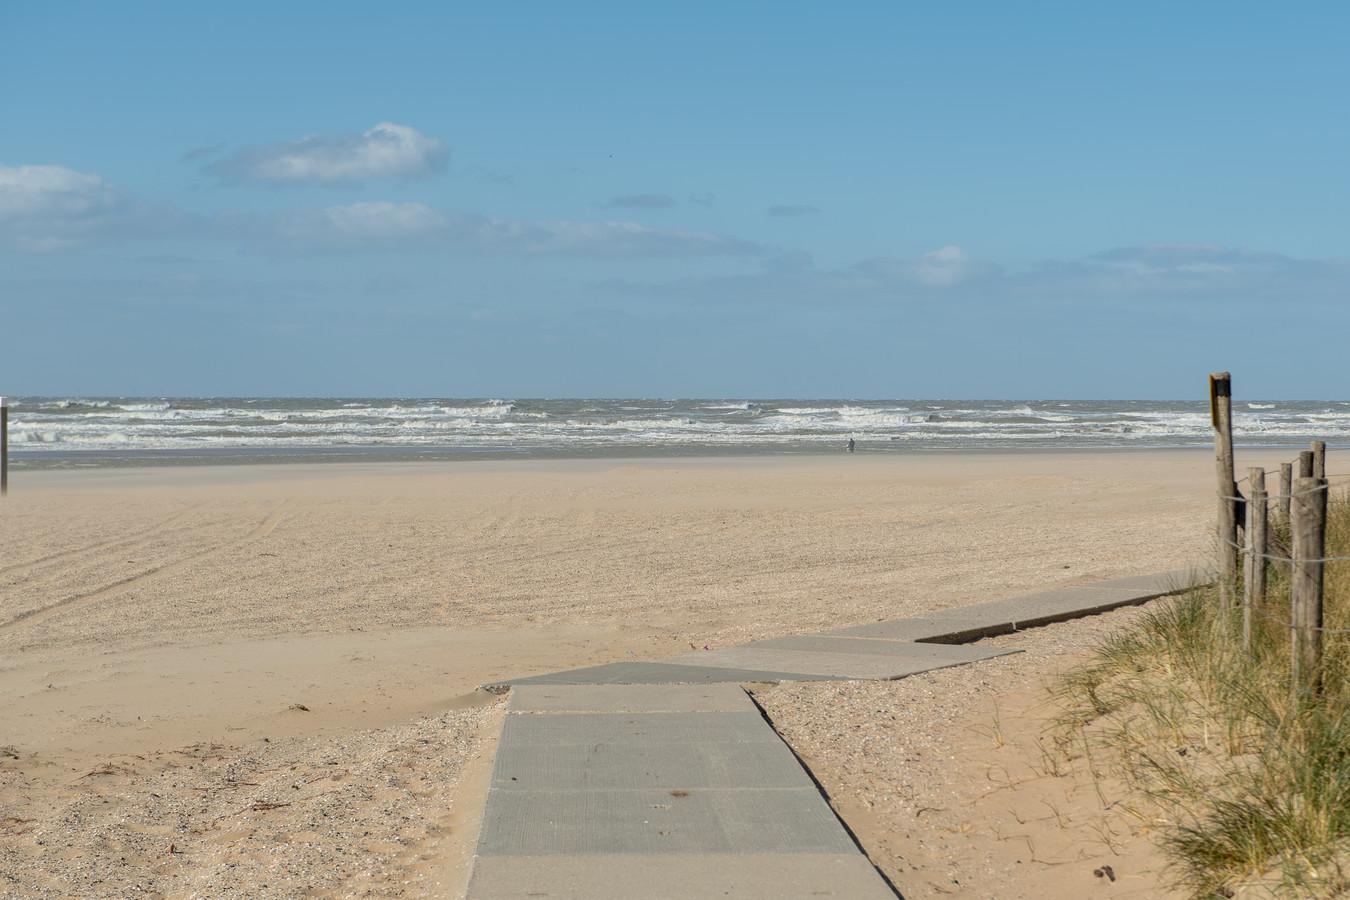 Afgelopen weekeinde waren de stranden verlaten na een uitdrukkelijke oproep om thuis te blijven.